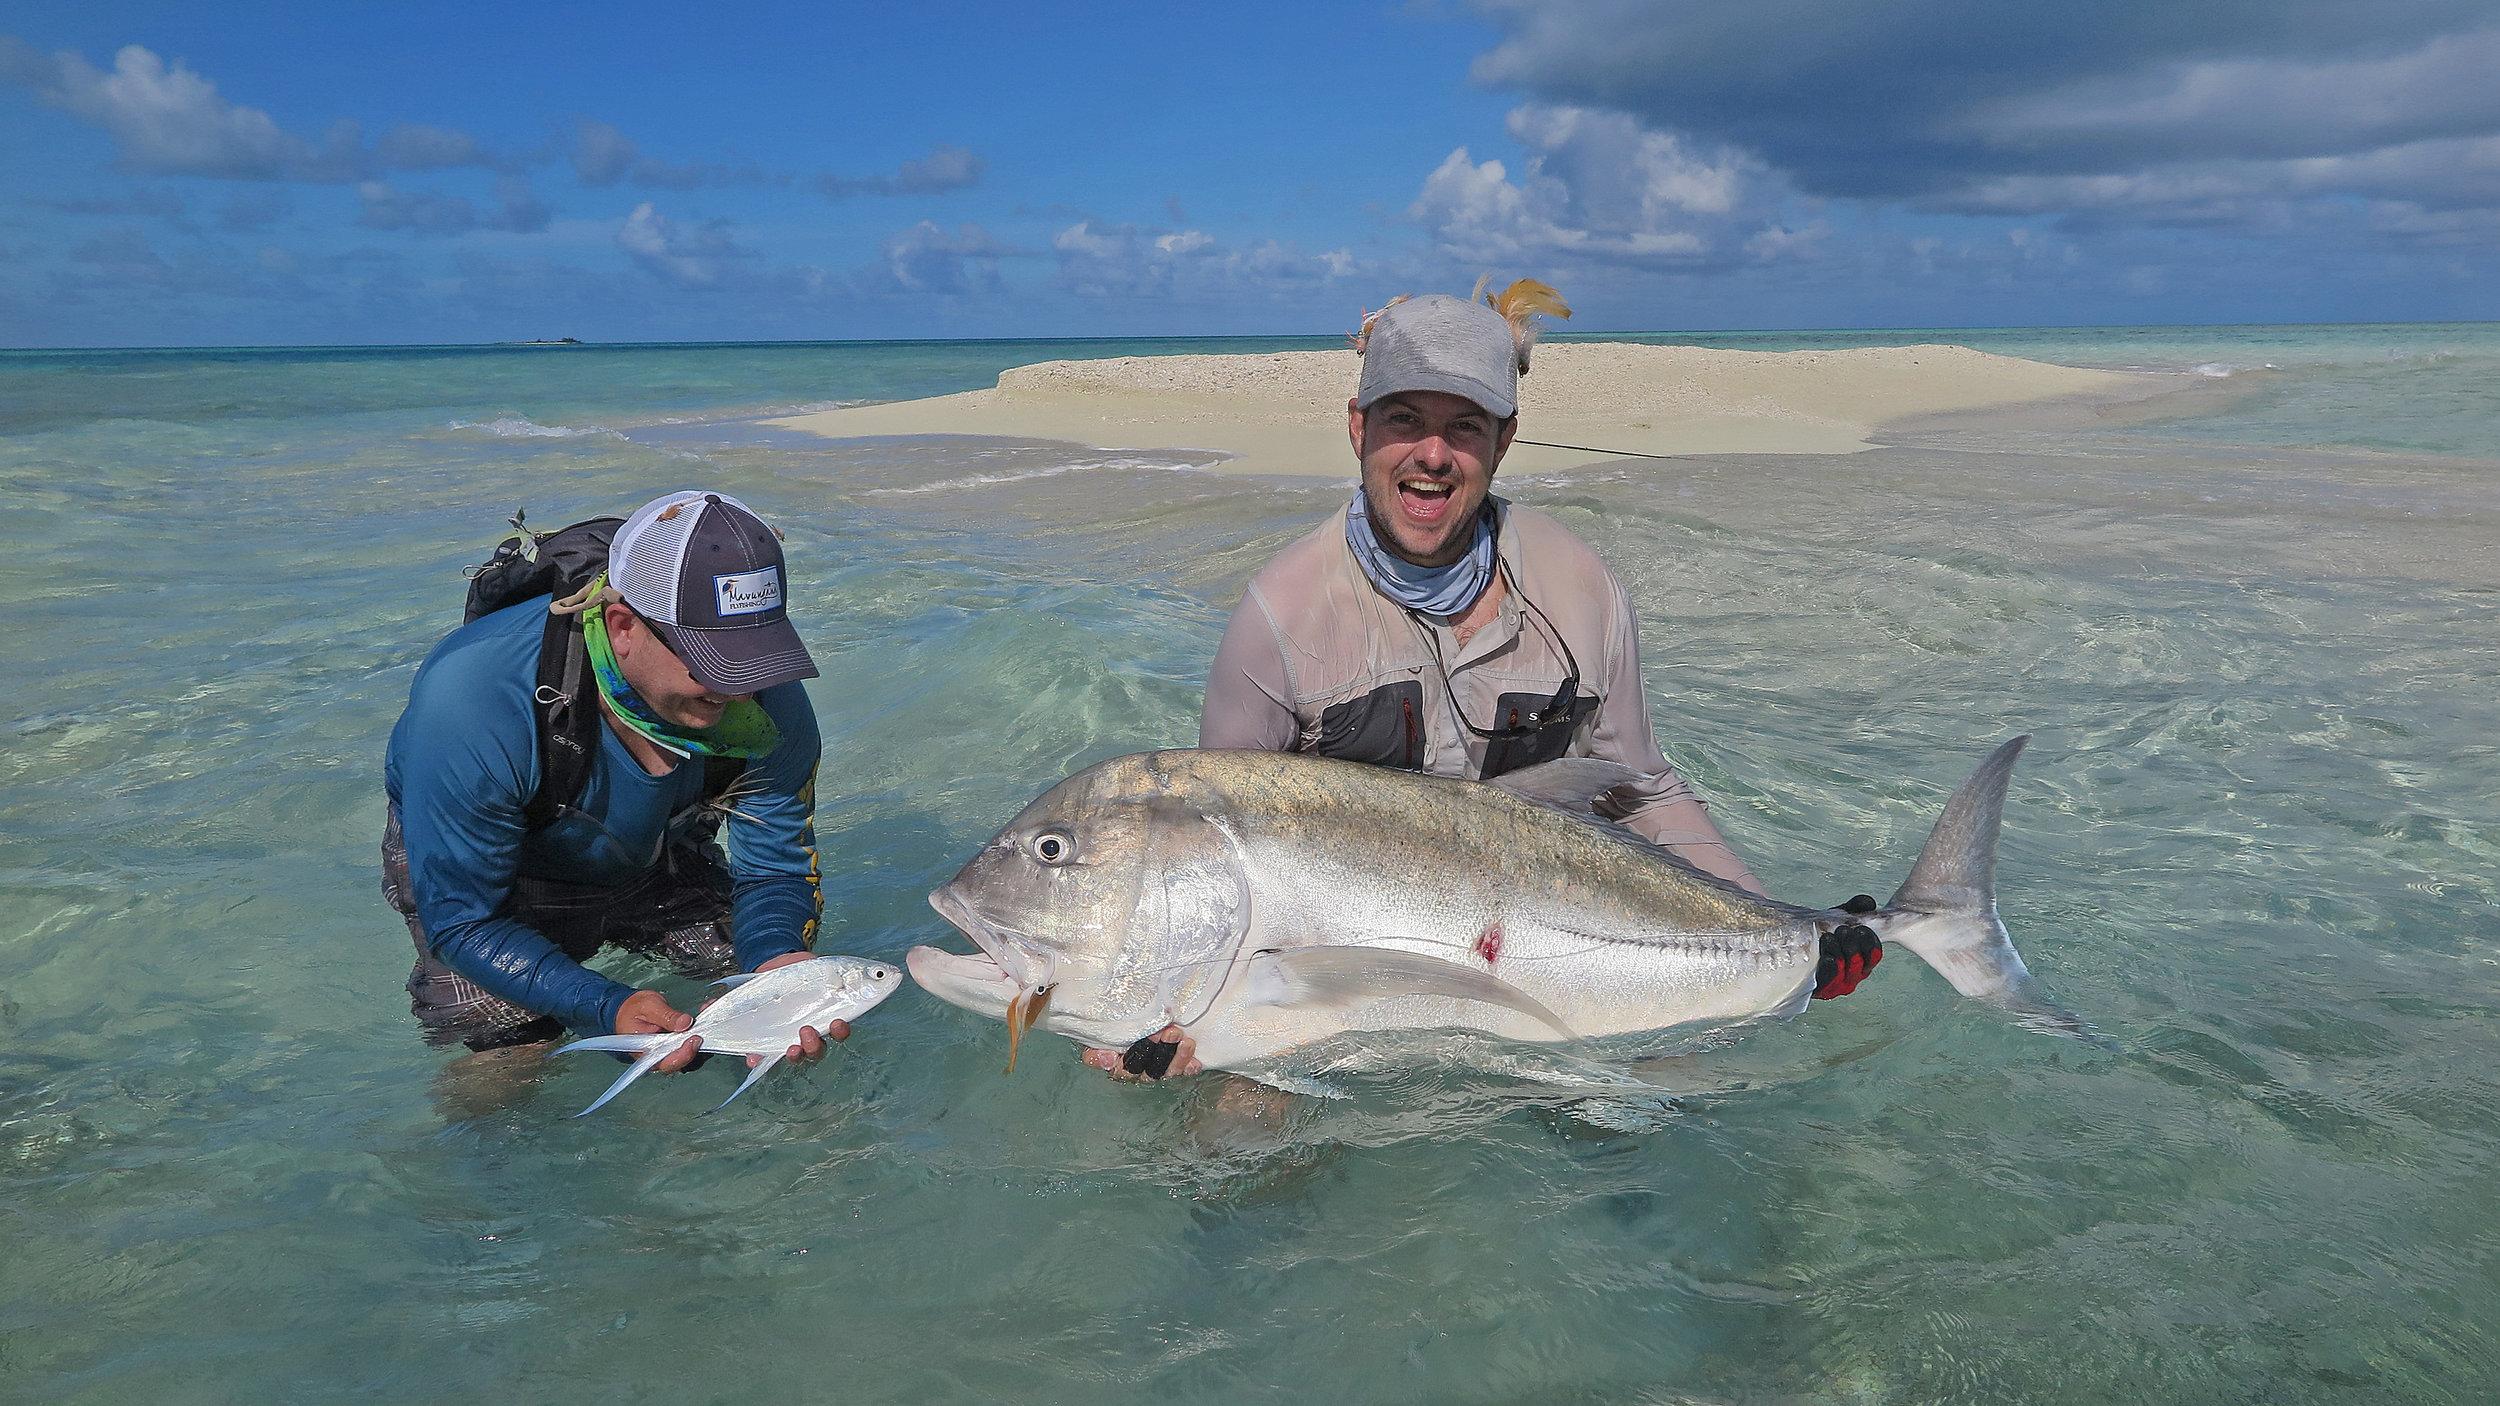 stb-fishing-19.jpg